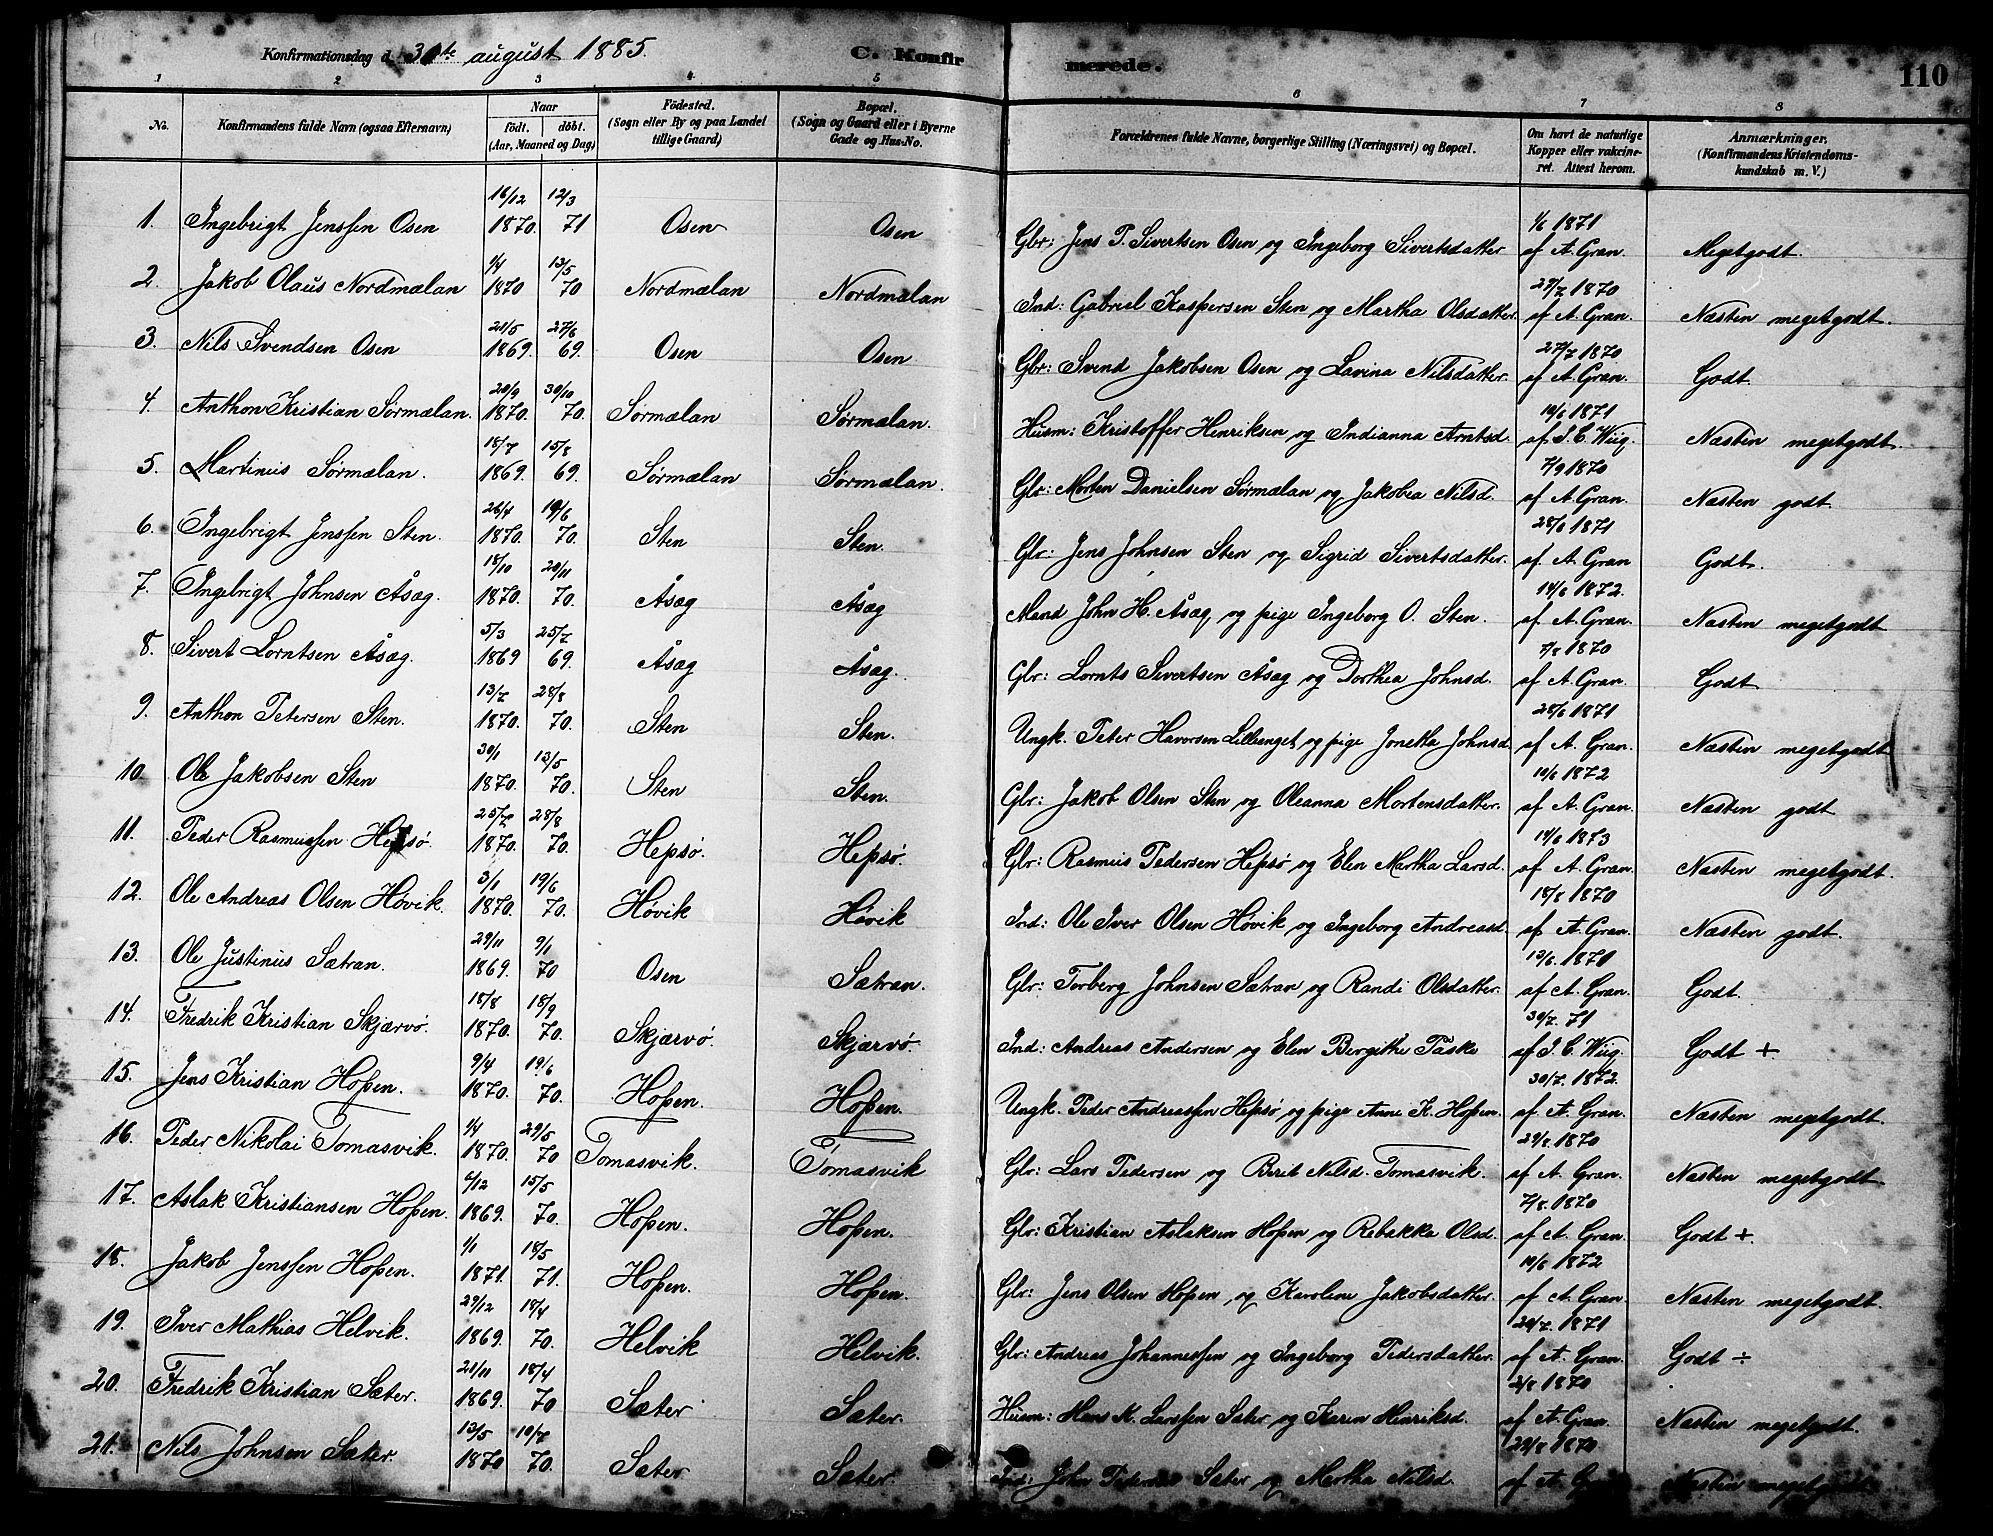 SAT, Ministerialprotokoller, klokkerbøker og fødselsregistre - Sør-Trøndelag, 658/L0726: Klokkerbok nr. 658C02, 1883-1908, s. 110